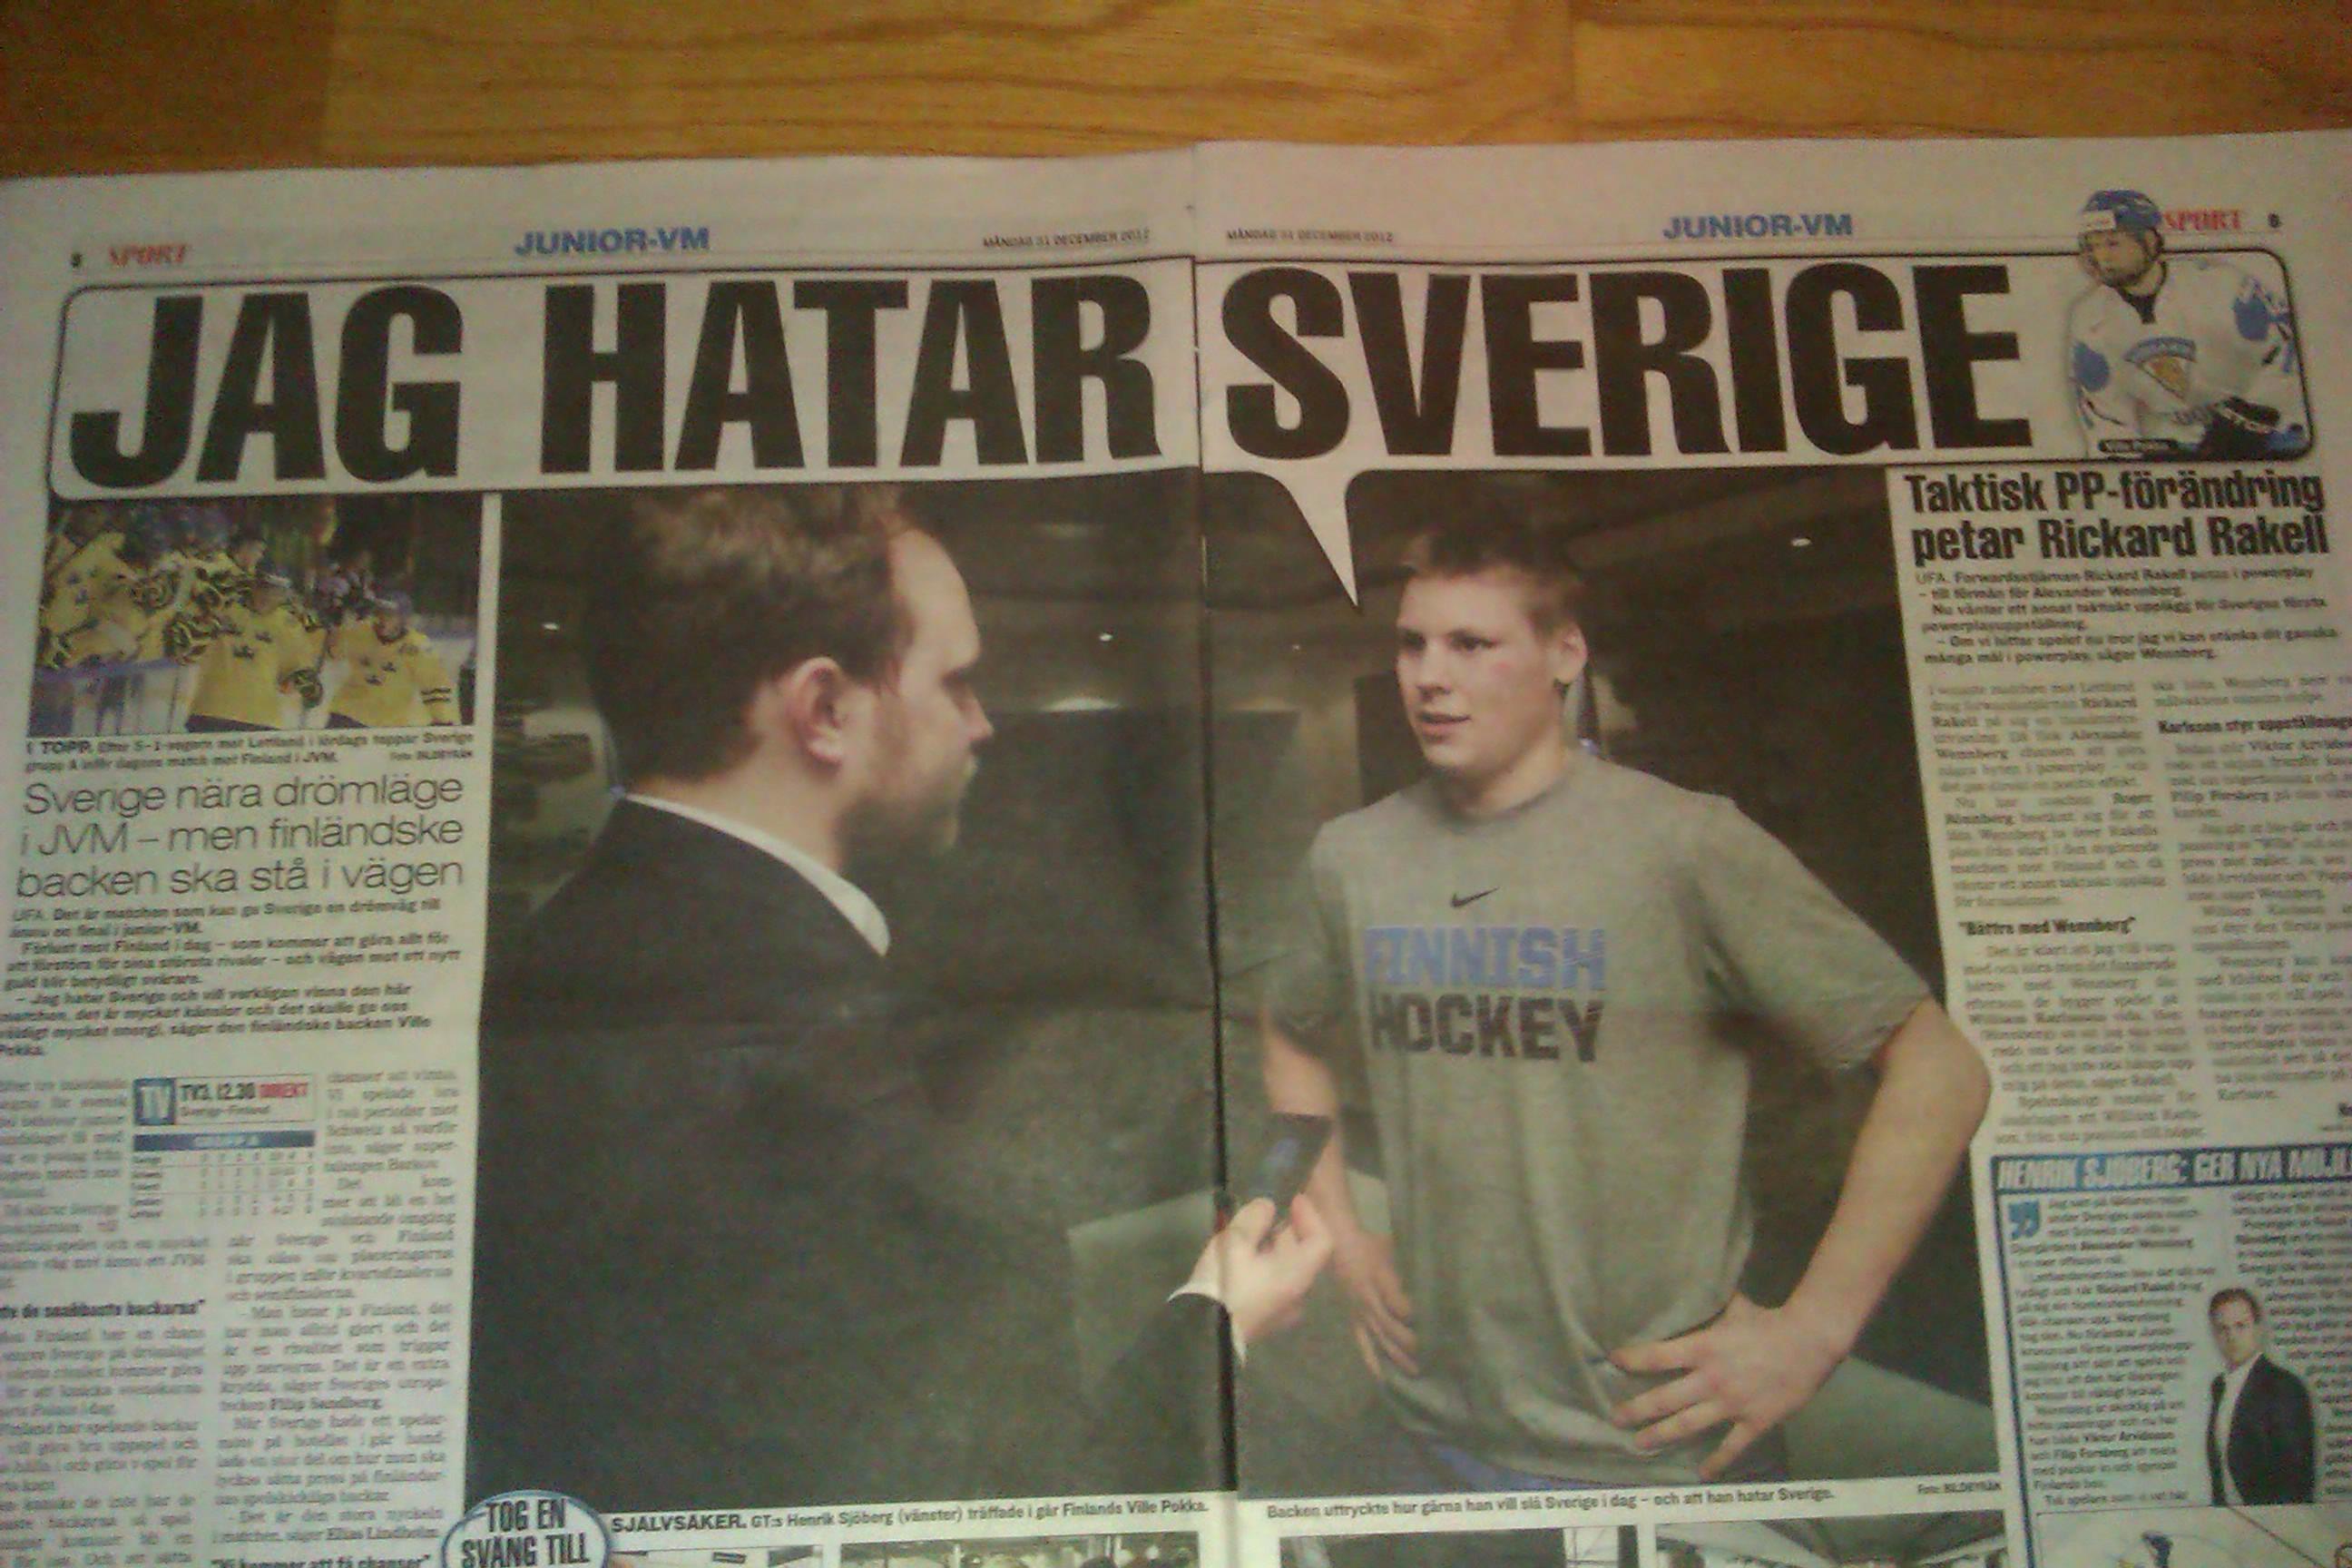 jag_hatar_sverige